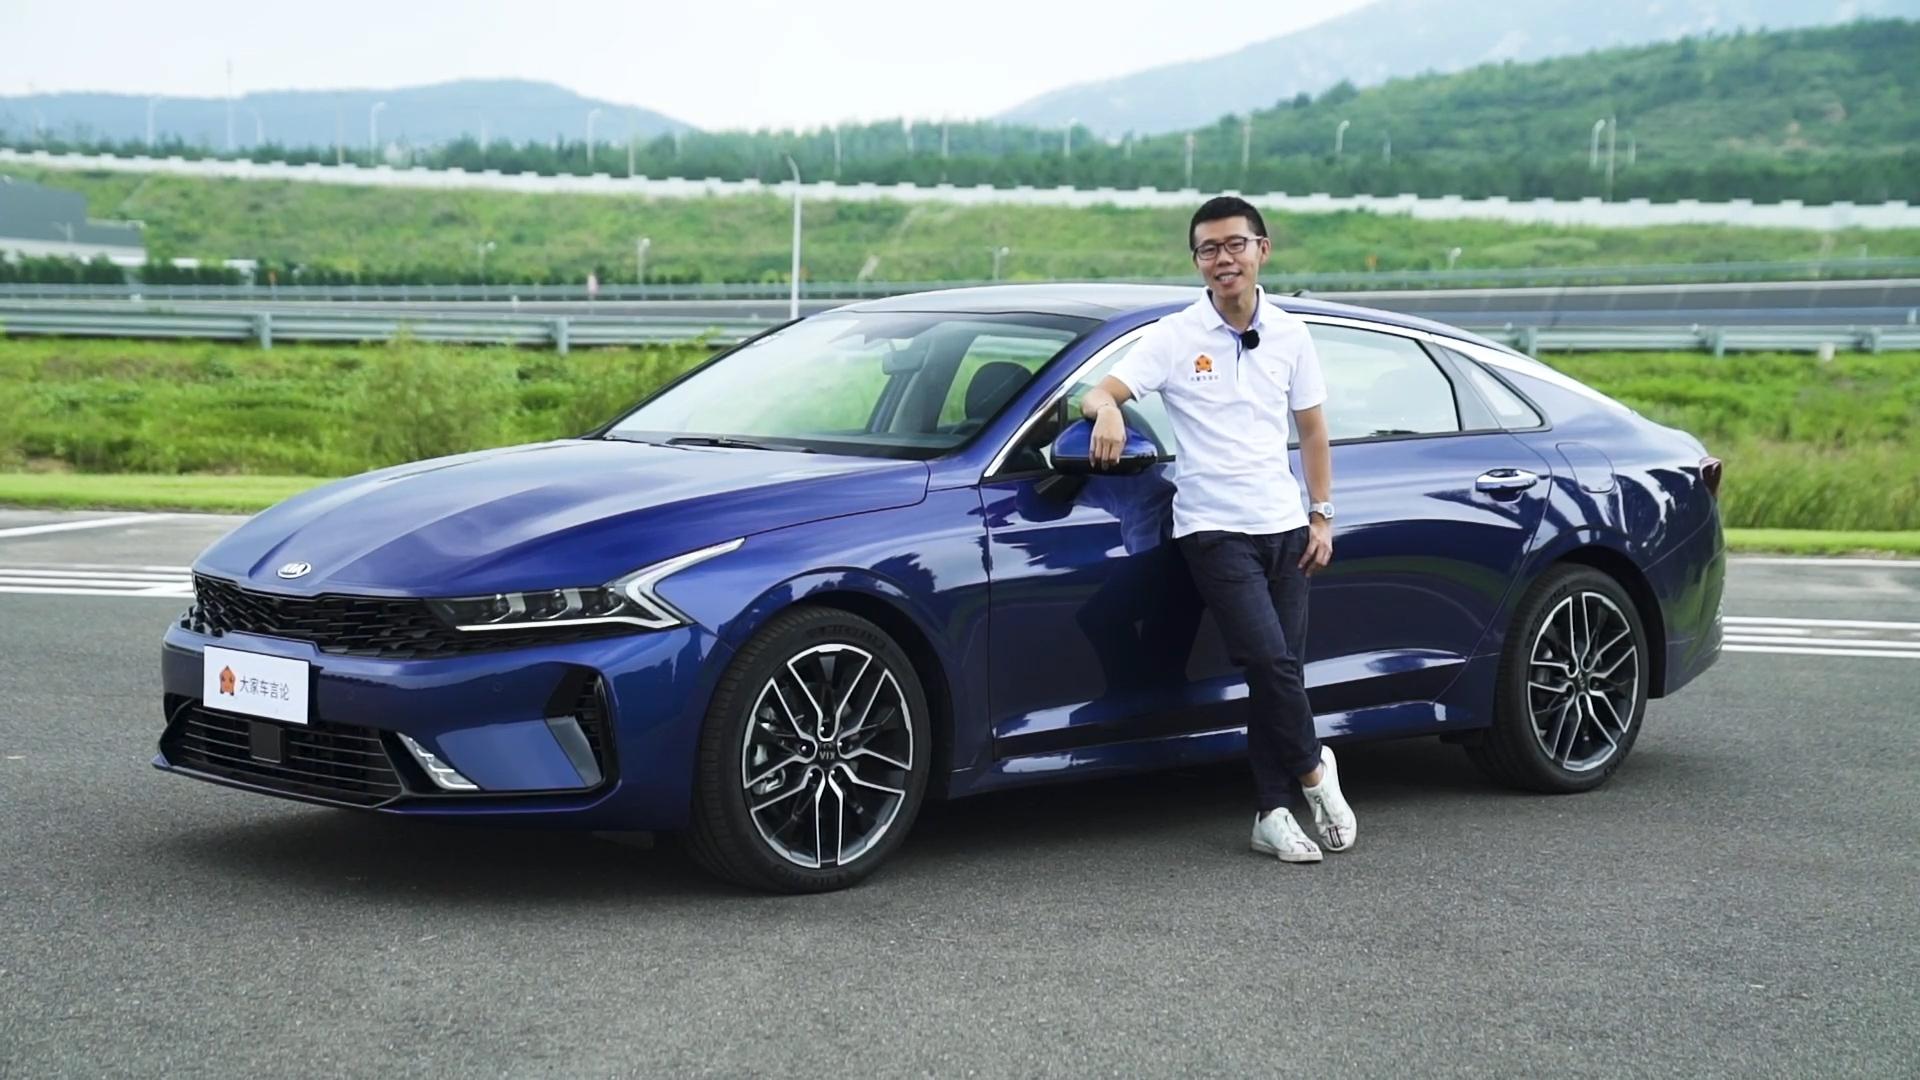 这台B级轿车,是韩系车对待中国市场更为重视的证明?